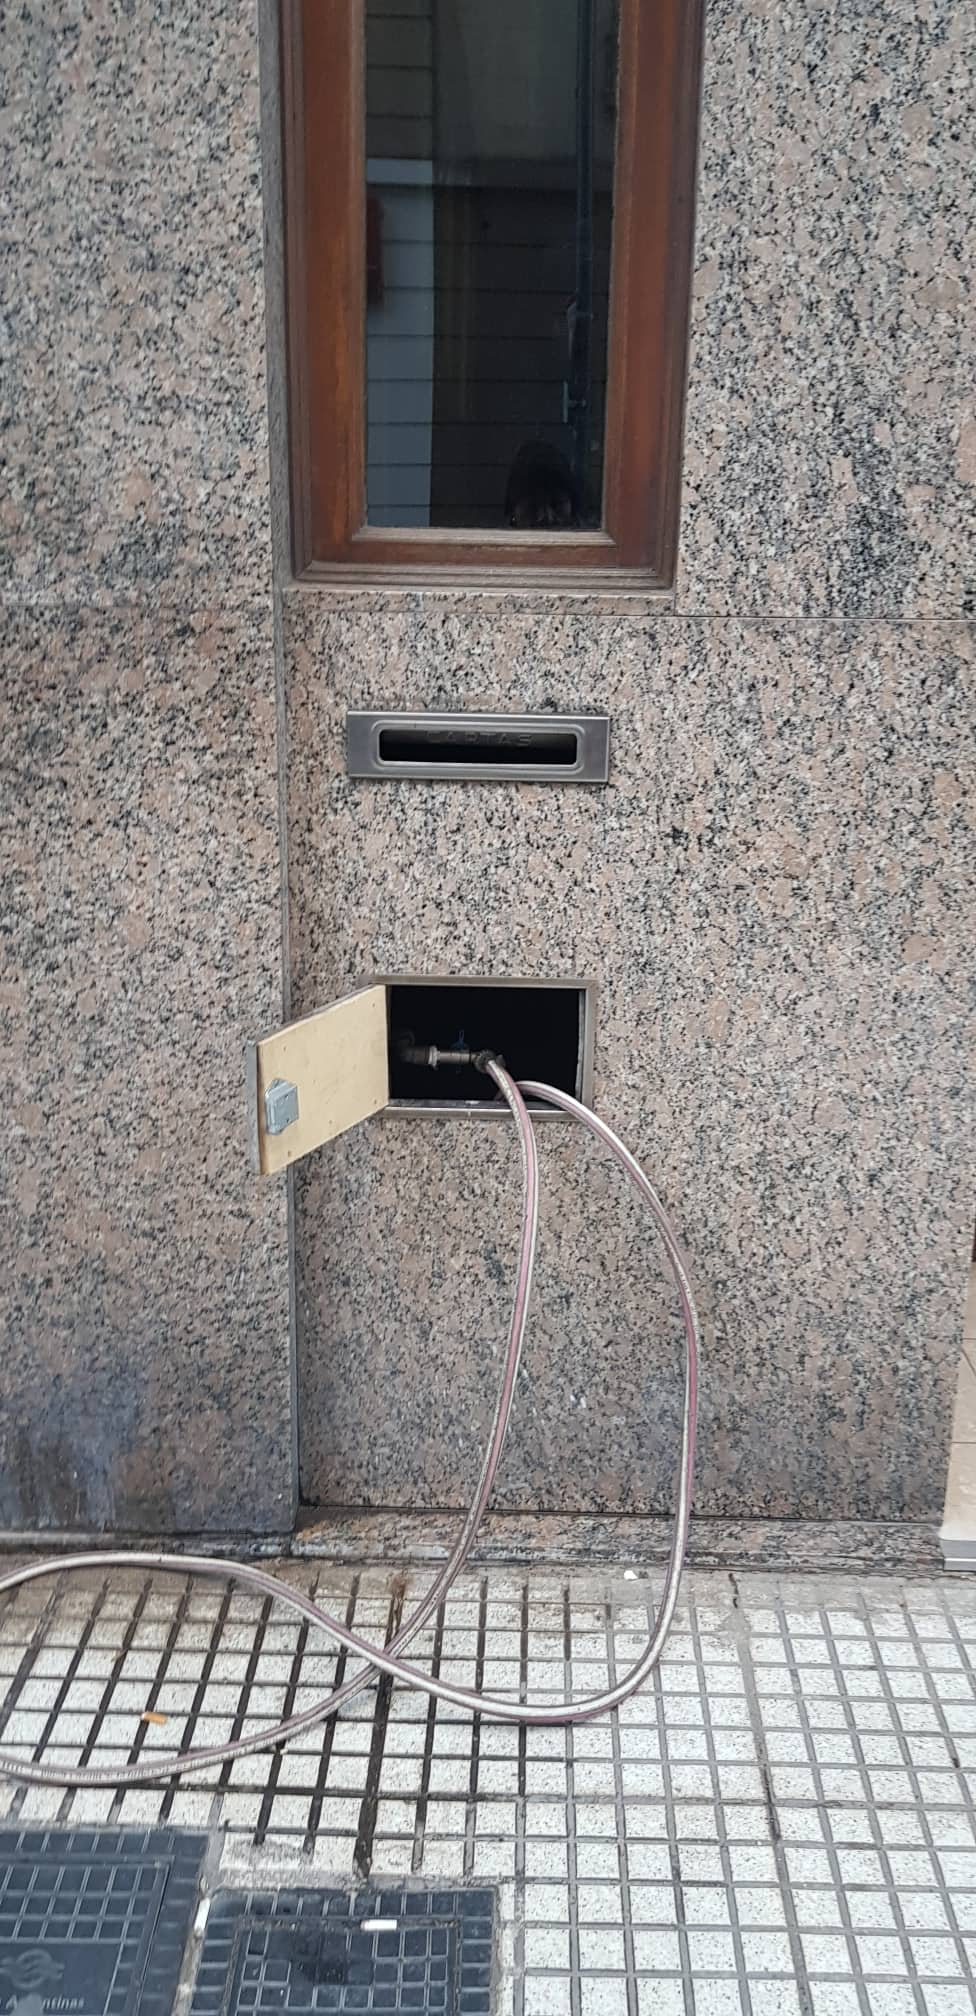 La falta de energía deja sin agua a los edificios por falta de presión. Foto: Beatriz Kennel.